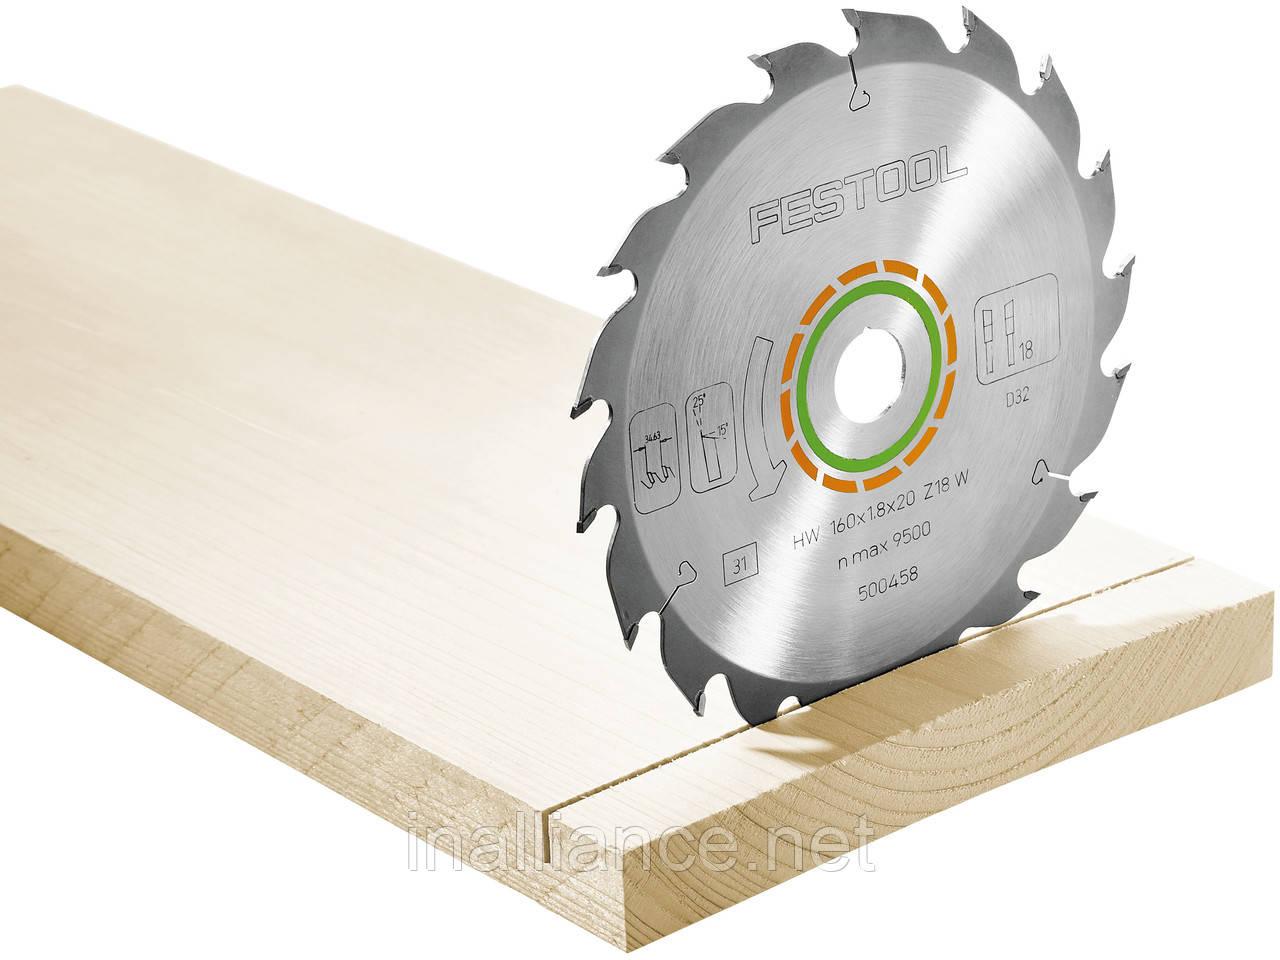 Стандартный пильный диск 160x20х1,8 W18 Festool 500458